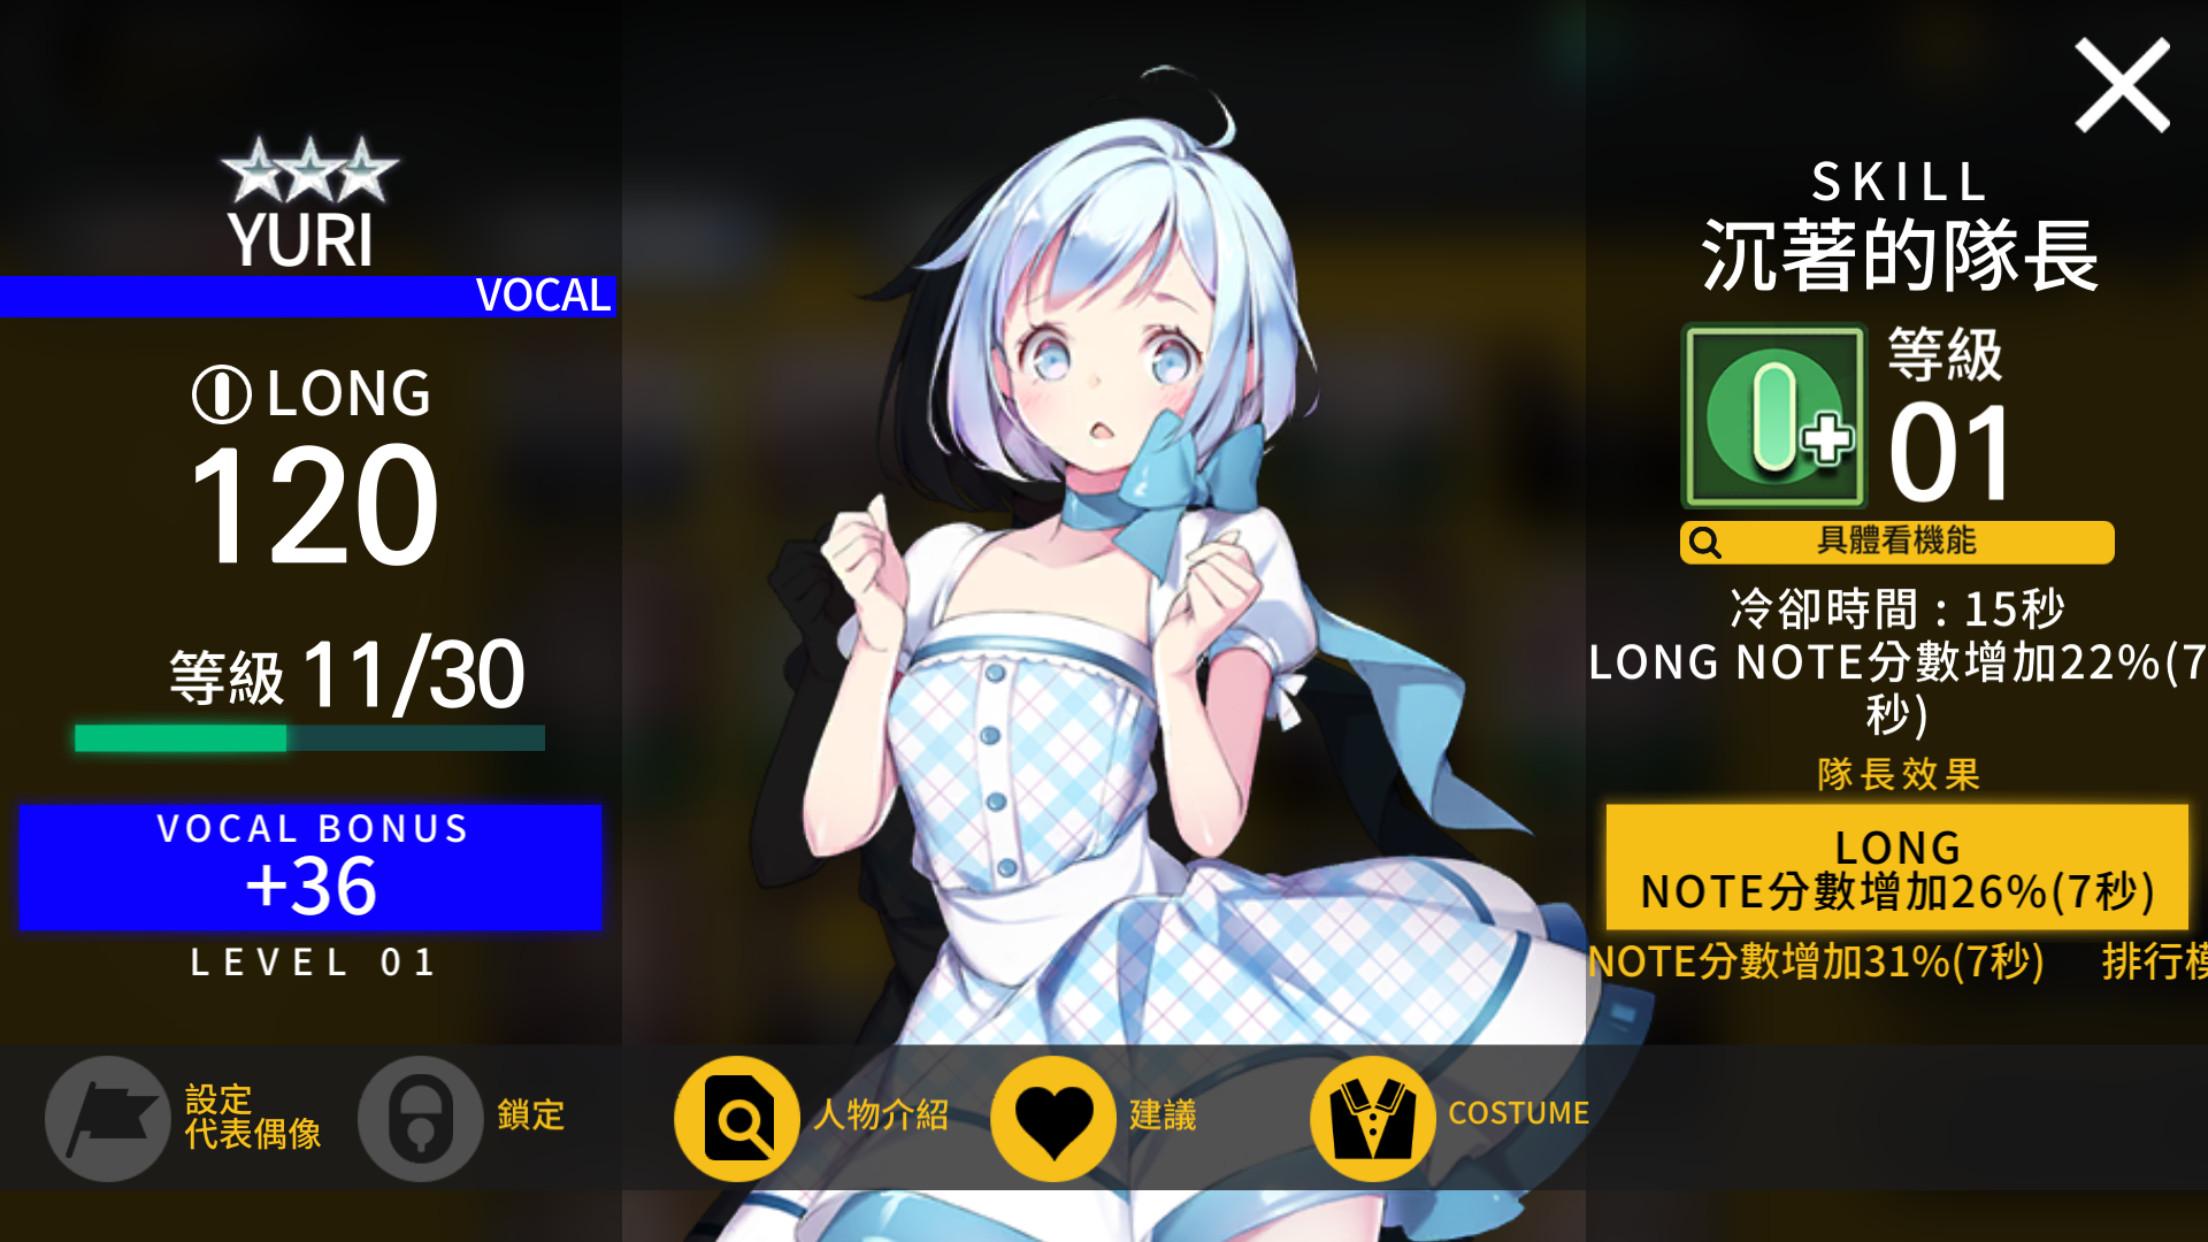 ▲韓國高品質音樂節奏遊戲《TAPSONIC TOP》 。(圖/KIKI提供)